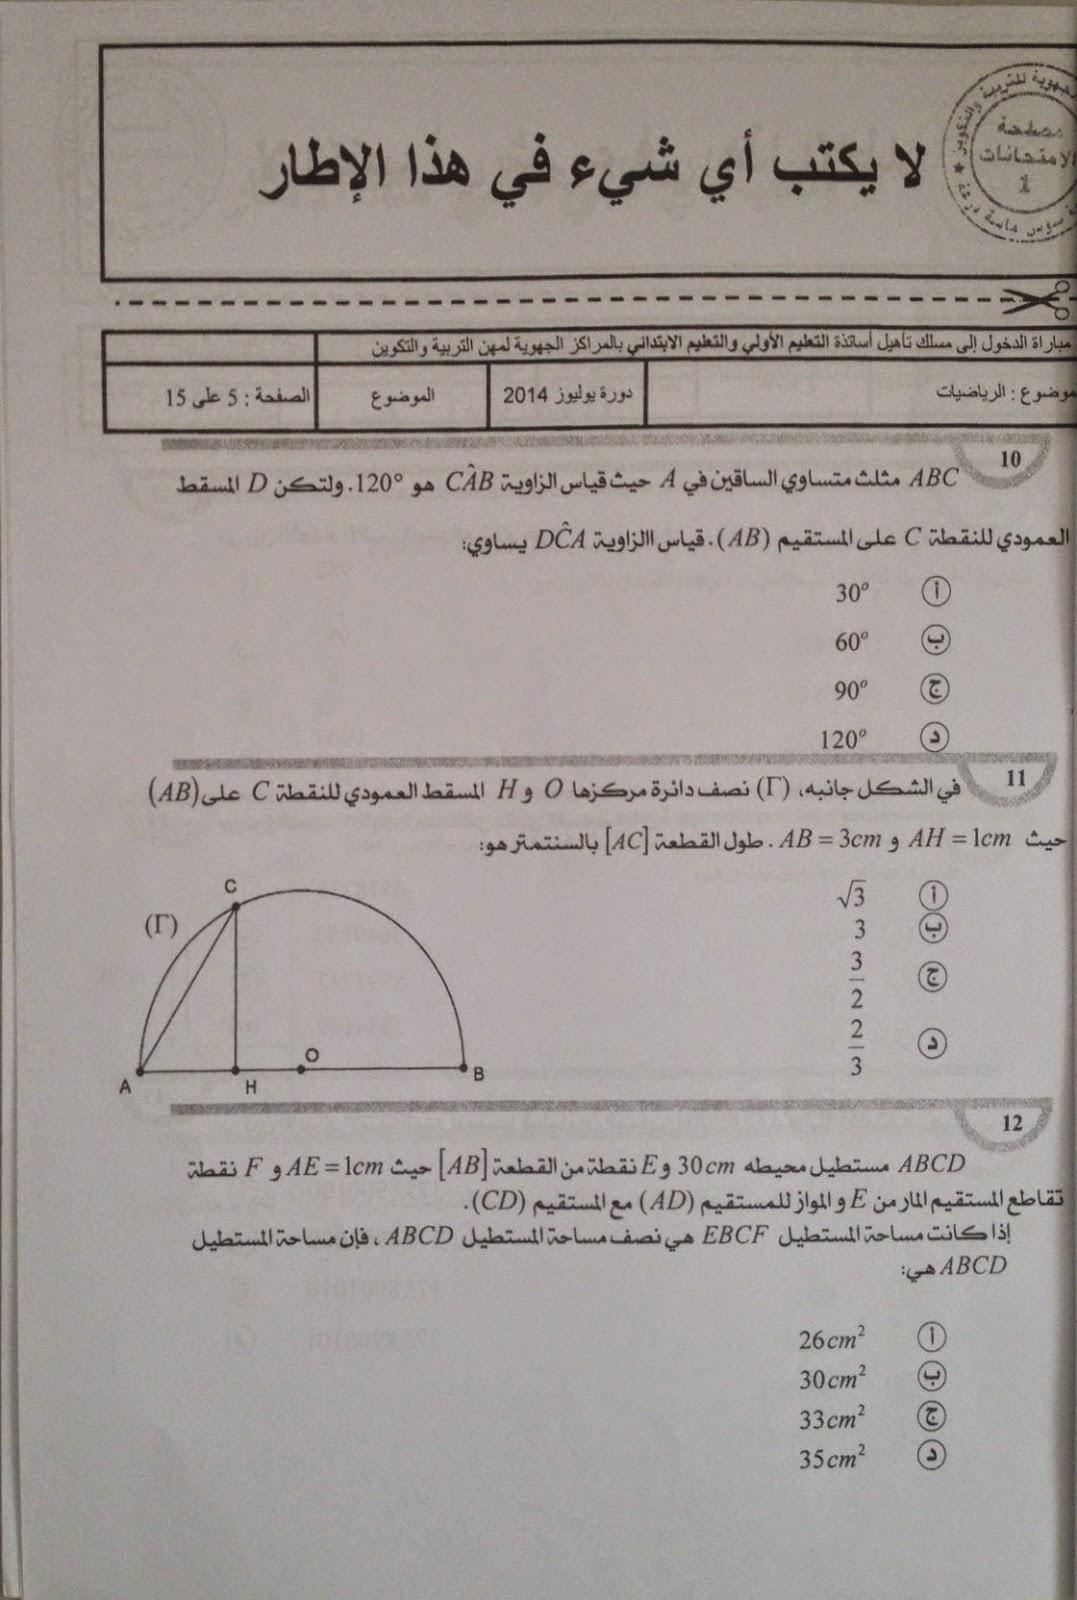 الاختبار الكتابي لولوج المراكز الجهوية للسلك الابتدائي دورة يوليوز 2014- مادة الرياضيات  Nouveau%2Bdocument%2B2_15